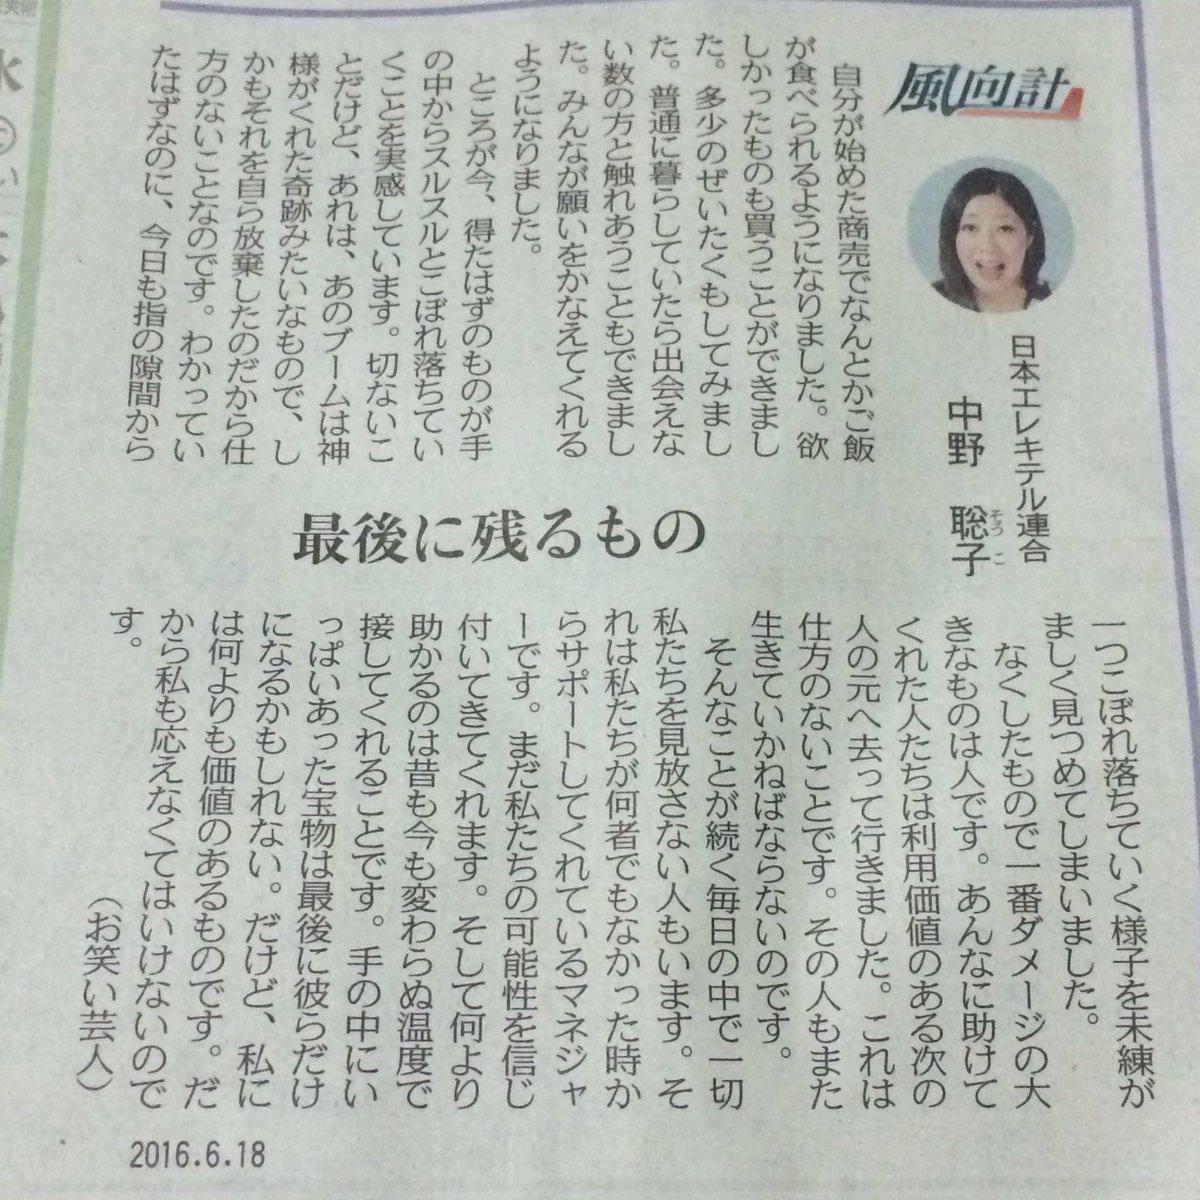 重いねえ。そして文章構成いいねえ。RT @suzuosuzu: 日本エレキテル連合 中野聡子さん 『最後に残るもの』 6/18 東京新聞より https://t.co/5ZqR3XInmd